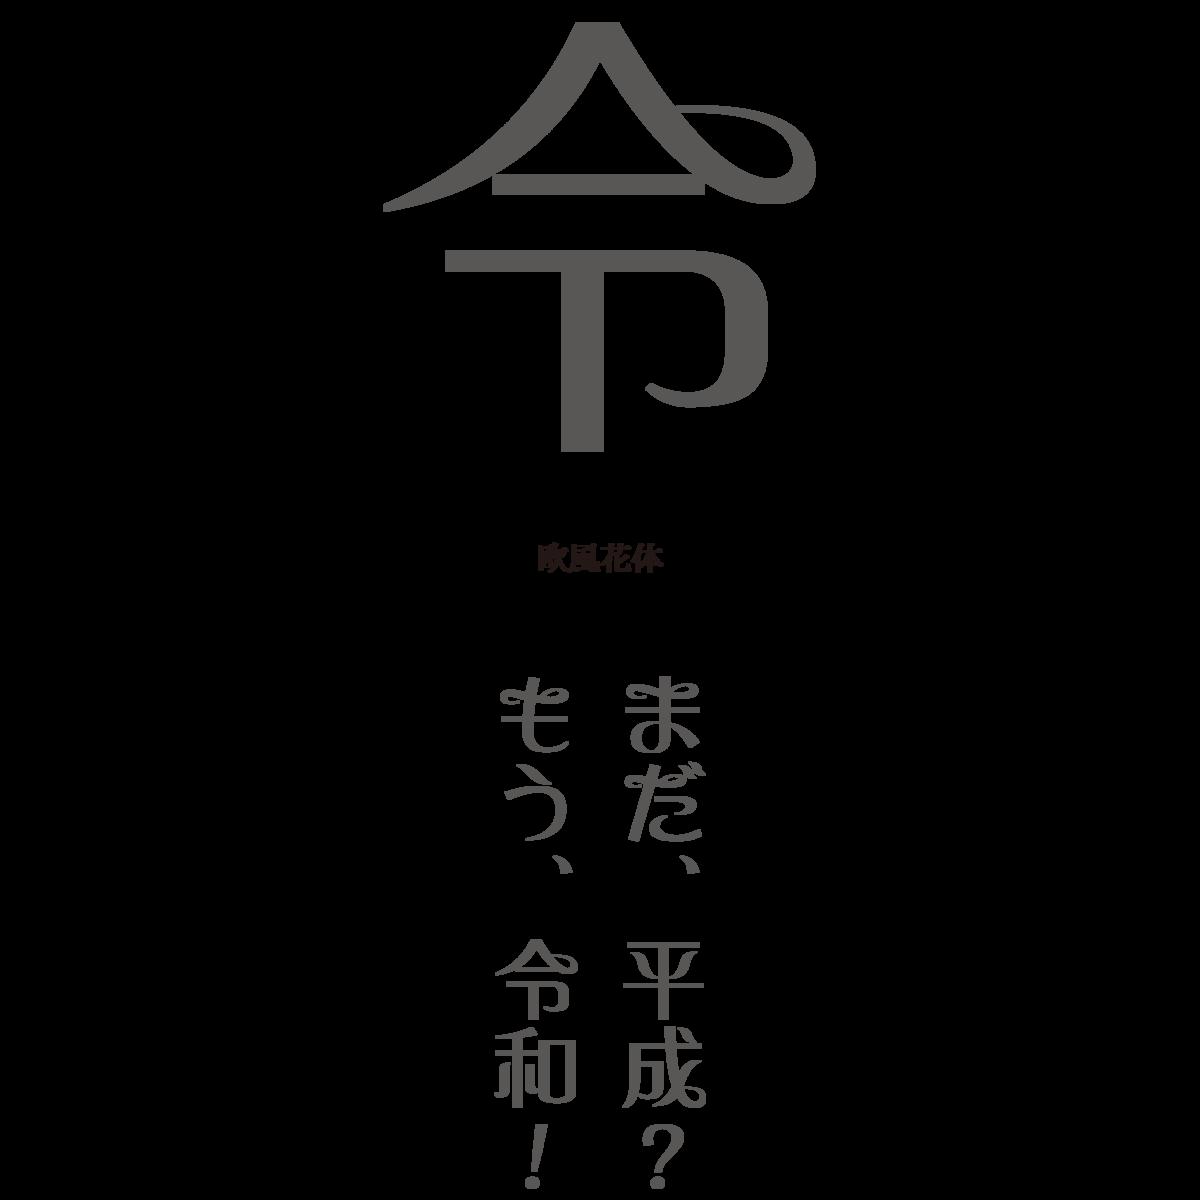 f:id:mojiru:20190528155503p:plain